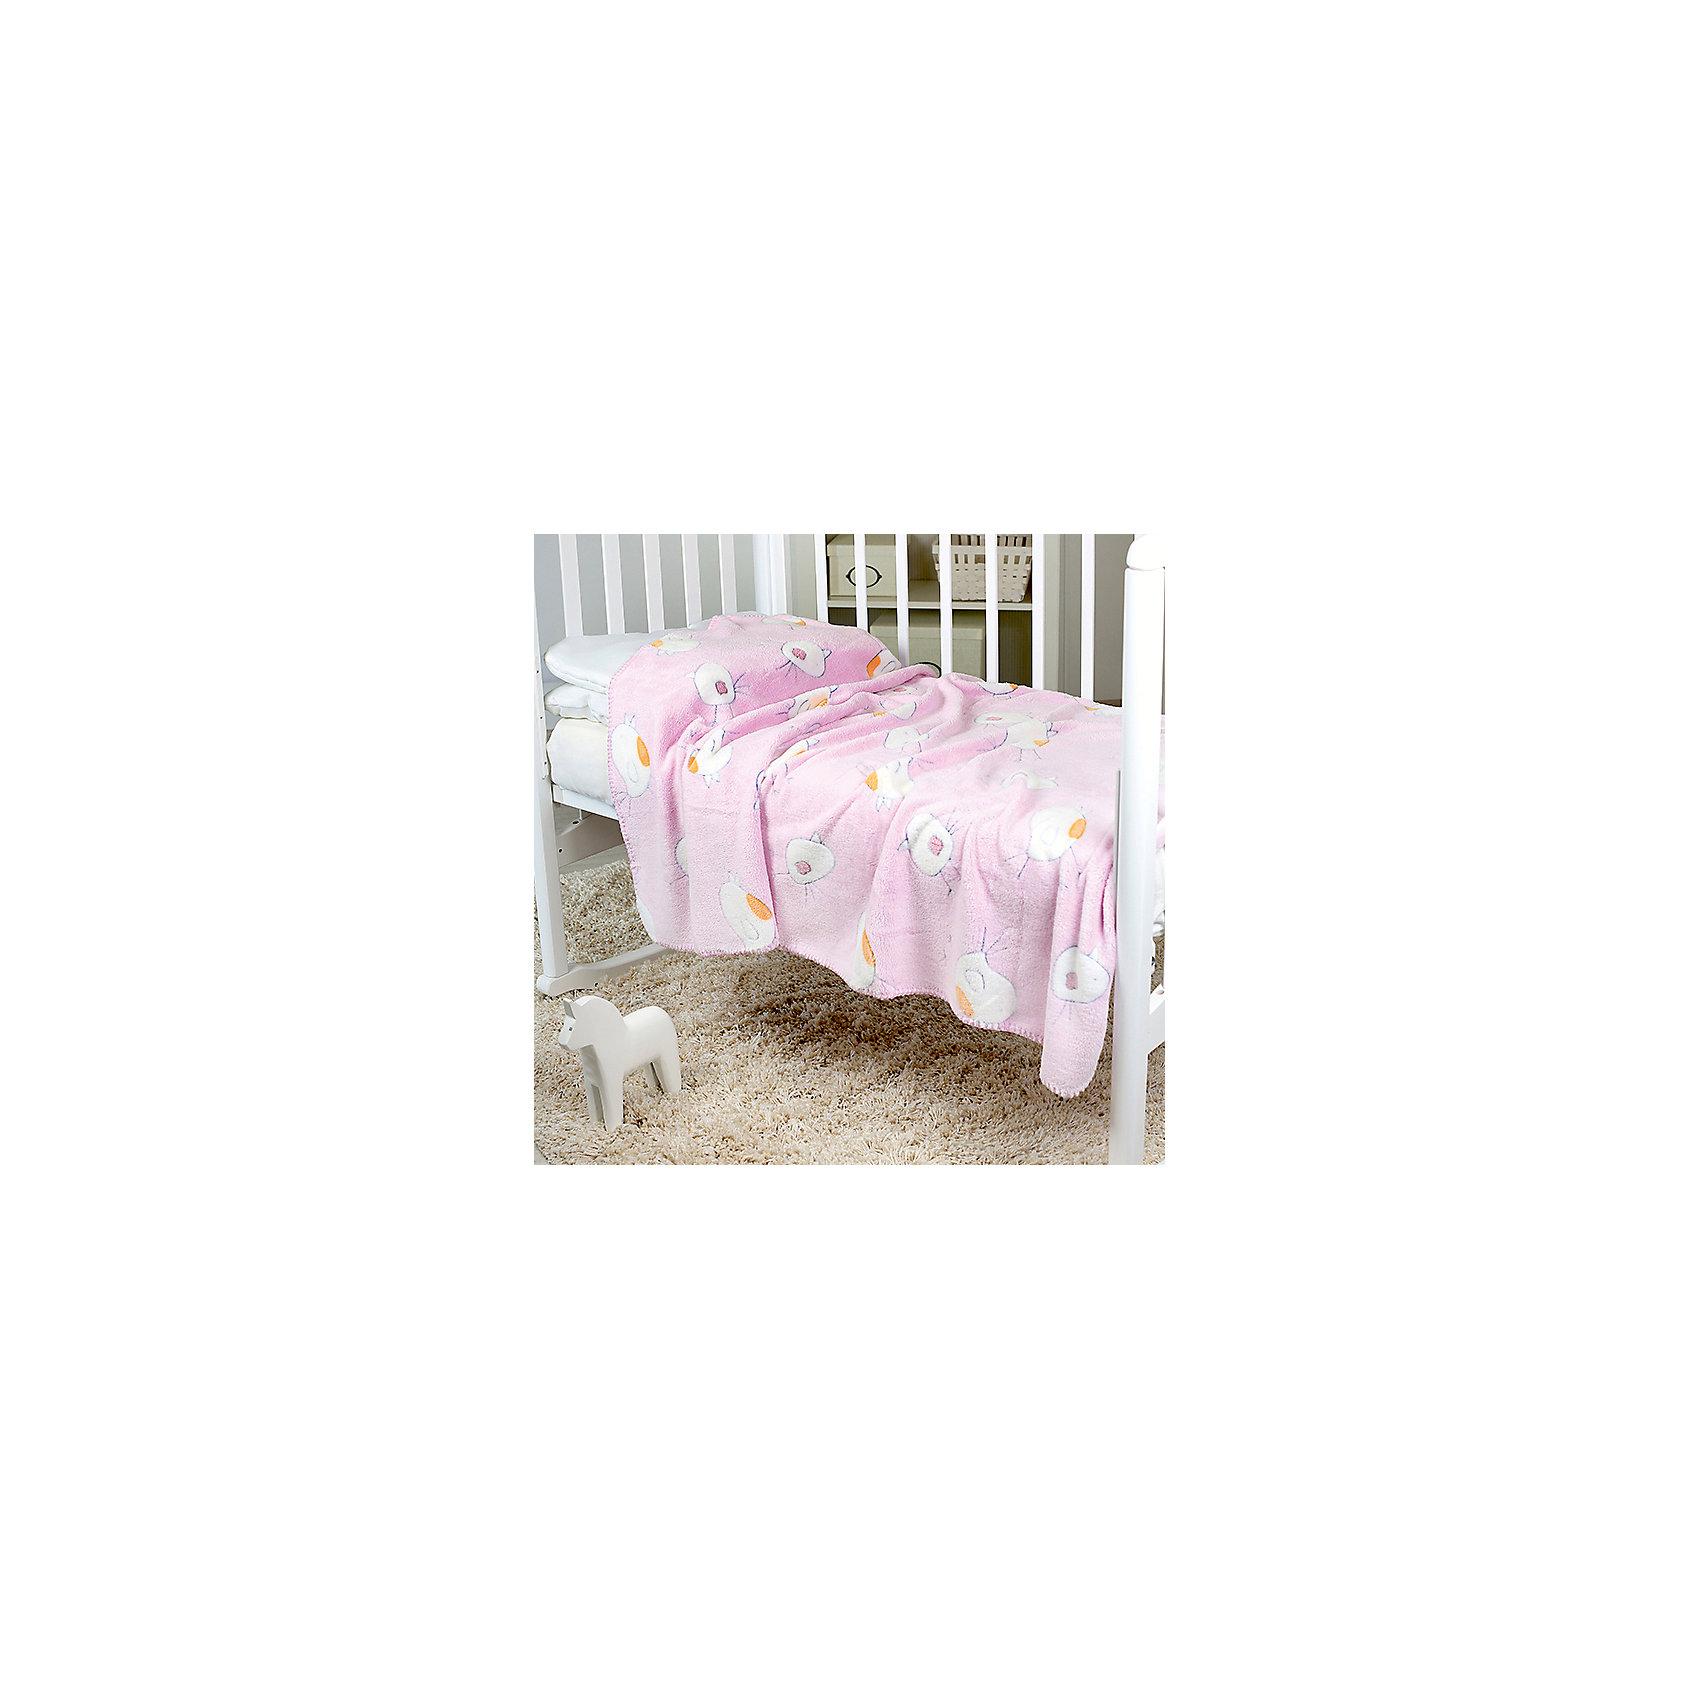 Плед-покрывало Птичка 100х150 Velsoft 2-стороннее оверлок, Baby Nice, розовыйОдеяла, пледы<br>Малыши нуждаются в особом уходе. Постельные принадлежности для детей должны быть качественными и безопасными. Этот плед-покрывало разработан специально для малышей, оно обеспечивает комфорт на всю ночь. Плед украшен симпатичным принтом.<br>Пледик сшит из мягкого легкого  материала - велсофта, приятного на ощупь. Он не вызывает аллергии, что особенно важно для малышей. Покрывало обеспечит хорошую терморегуляцию, а значит - крепкий сон. Плед сделан из высококачественных материалов, безопасных для ребенка.<br><br>Дополнительная информация:<br><br>цвет: розовый;<br>материал: велсофт;<br>принт;<br>размер: 100 х 150 см;<br>обработка: оверлок;<br>двустороннее.<br><br>Плед-покрывало Птичка 100х150 Velsoft 2-стороннее оверлок,  от компании Baby Nice можно купить в нашем магазине.<br><br>Ширина мм: 10<br>Глубина мм: 20<br>Высота мм: 10<br>Вес г: 400<br>Возраст от месяцев: 0<br>Возраст до месяцев: 36<br>Пол: Унисекс<br>Возраст: Детский<br>SKU: 4941803